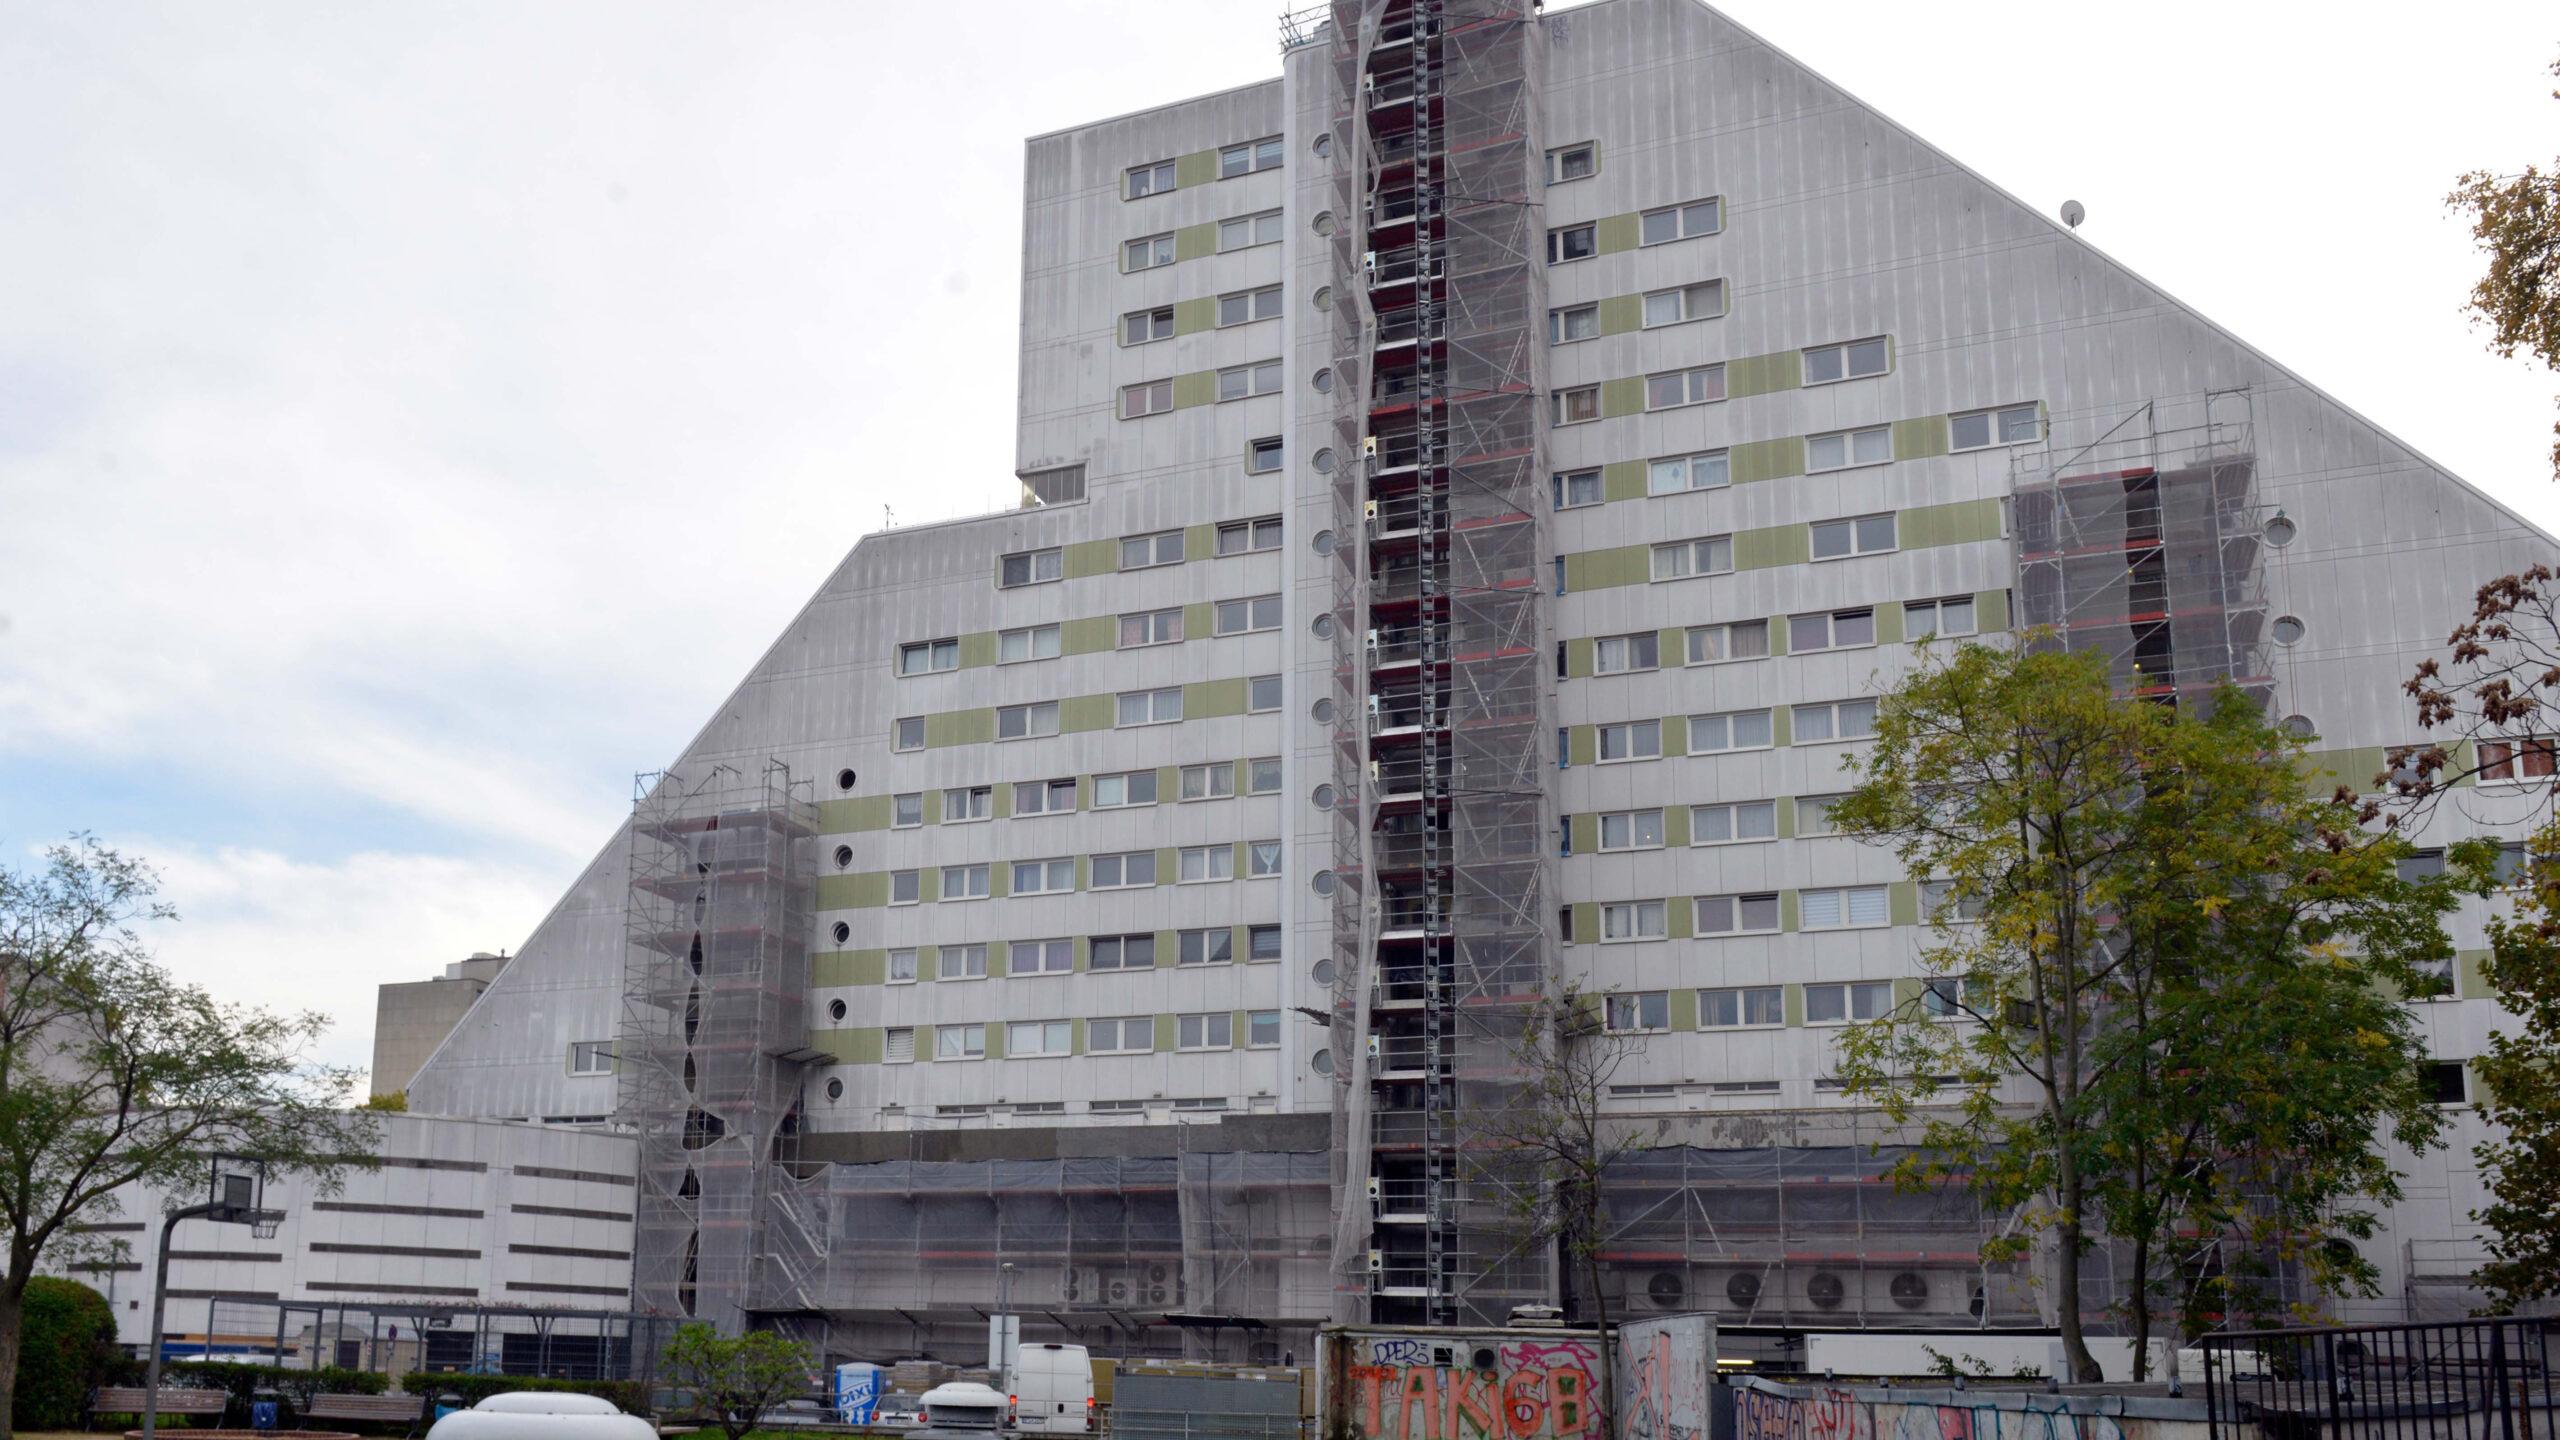 Berlins schlimmstes Wohnhaus: Spritzen und Fäkalien statt Wärme